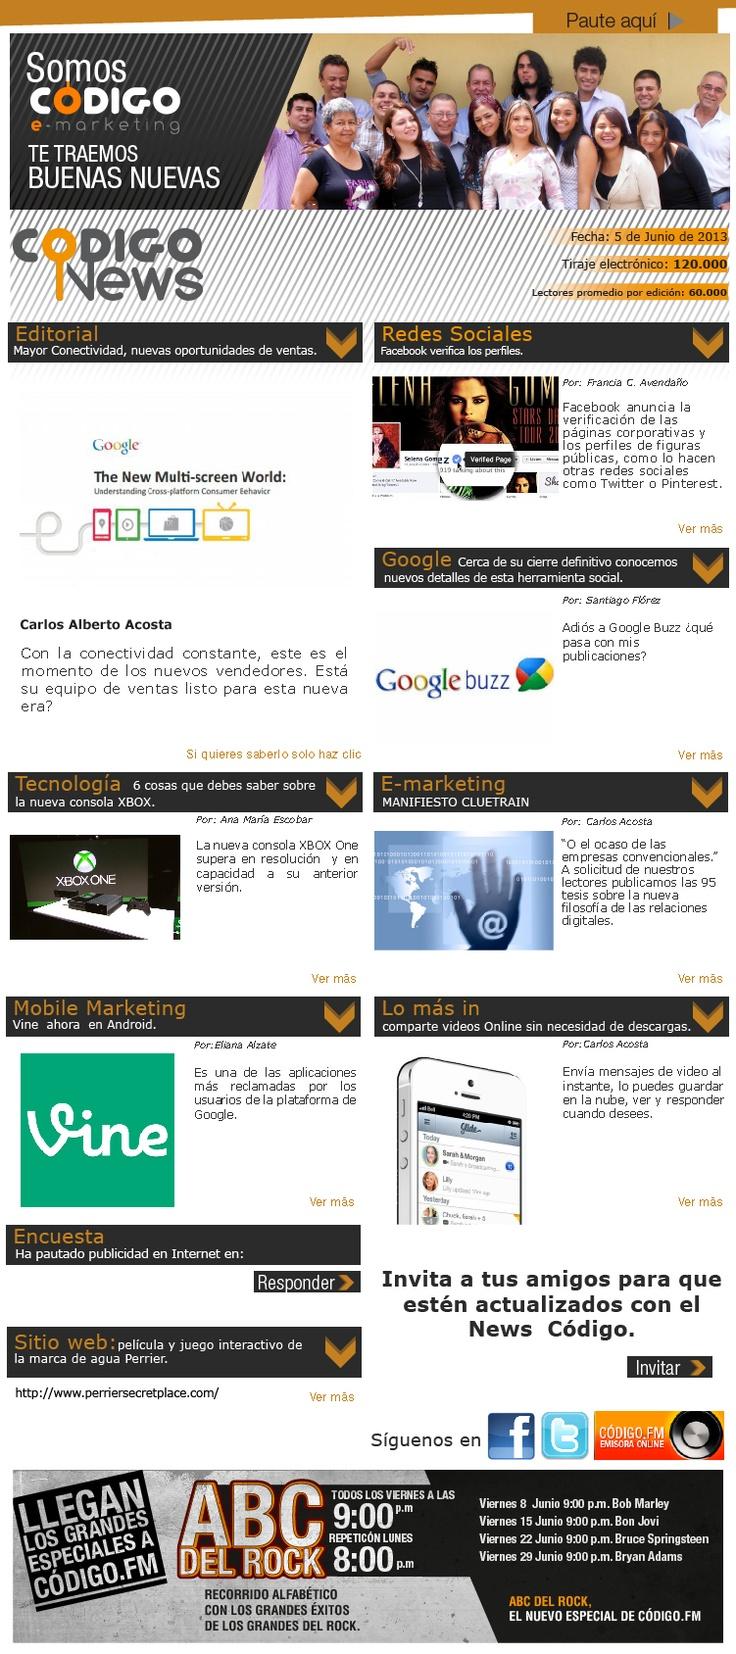 Lo último en e-mailing, redes, mobile marketing y tecnología con nuesro news #67